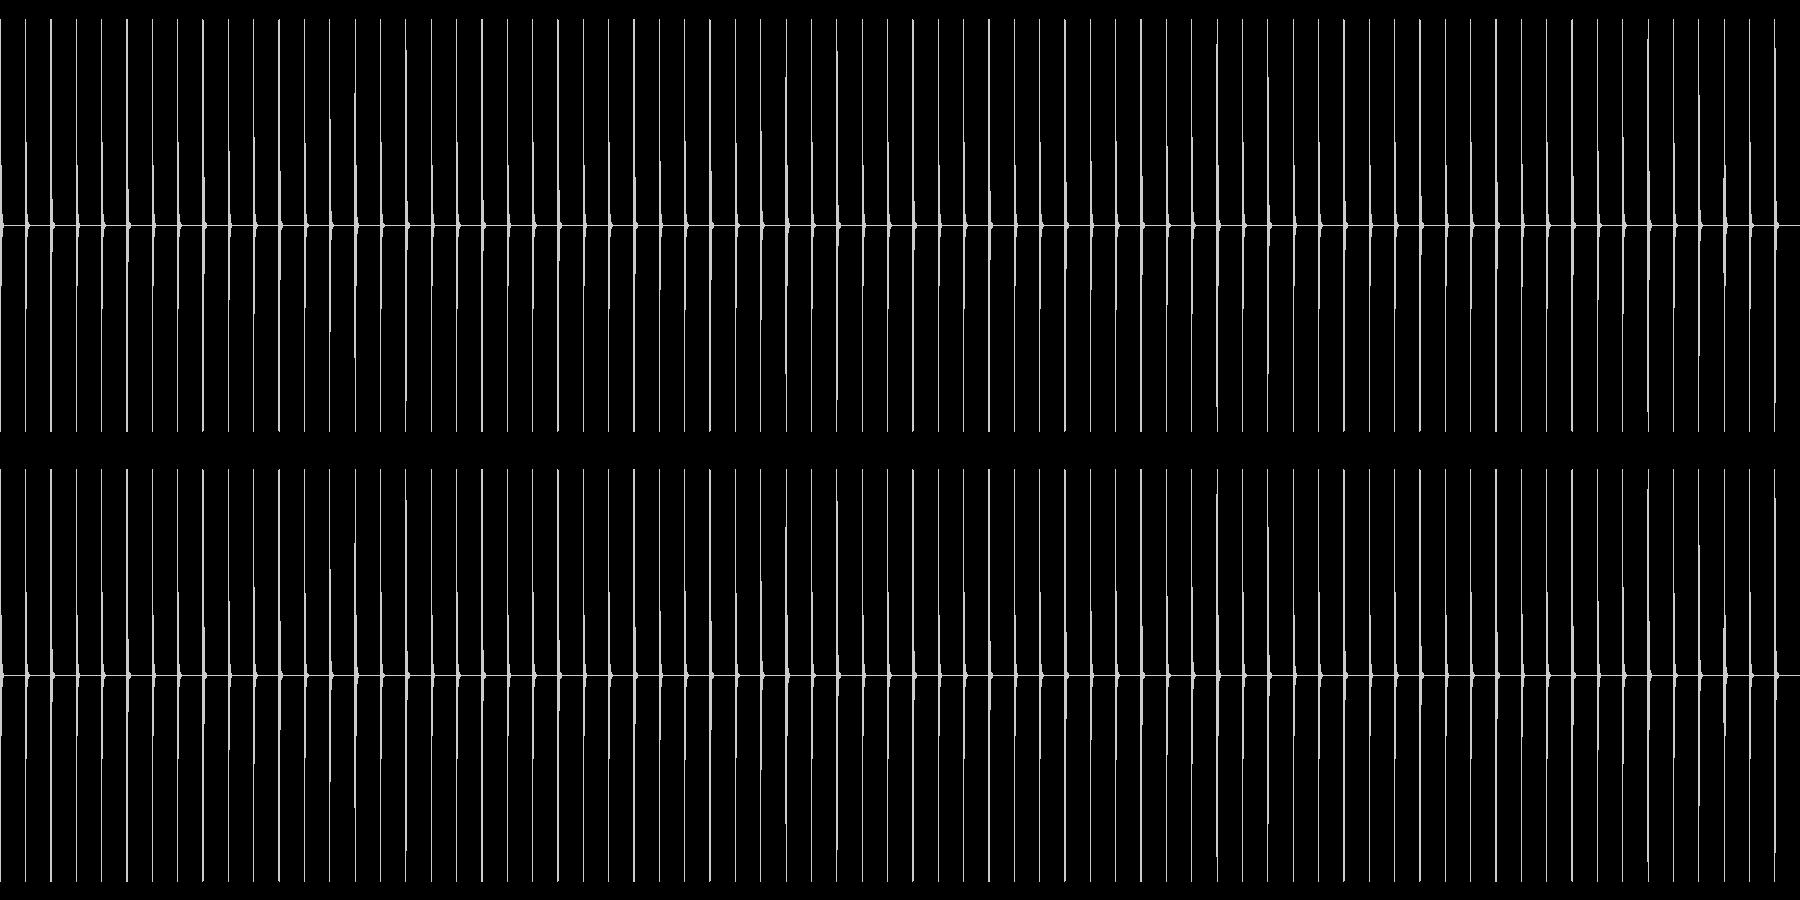 【生録音】ポク・ポク・ポク…ゆっくりめの未再生の波形